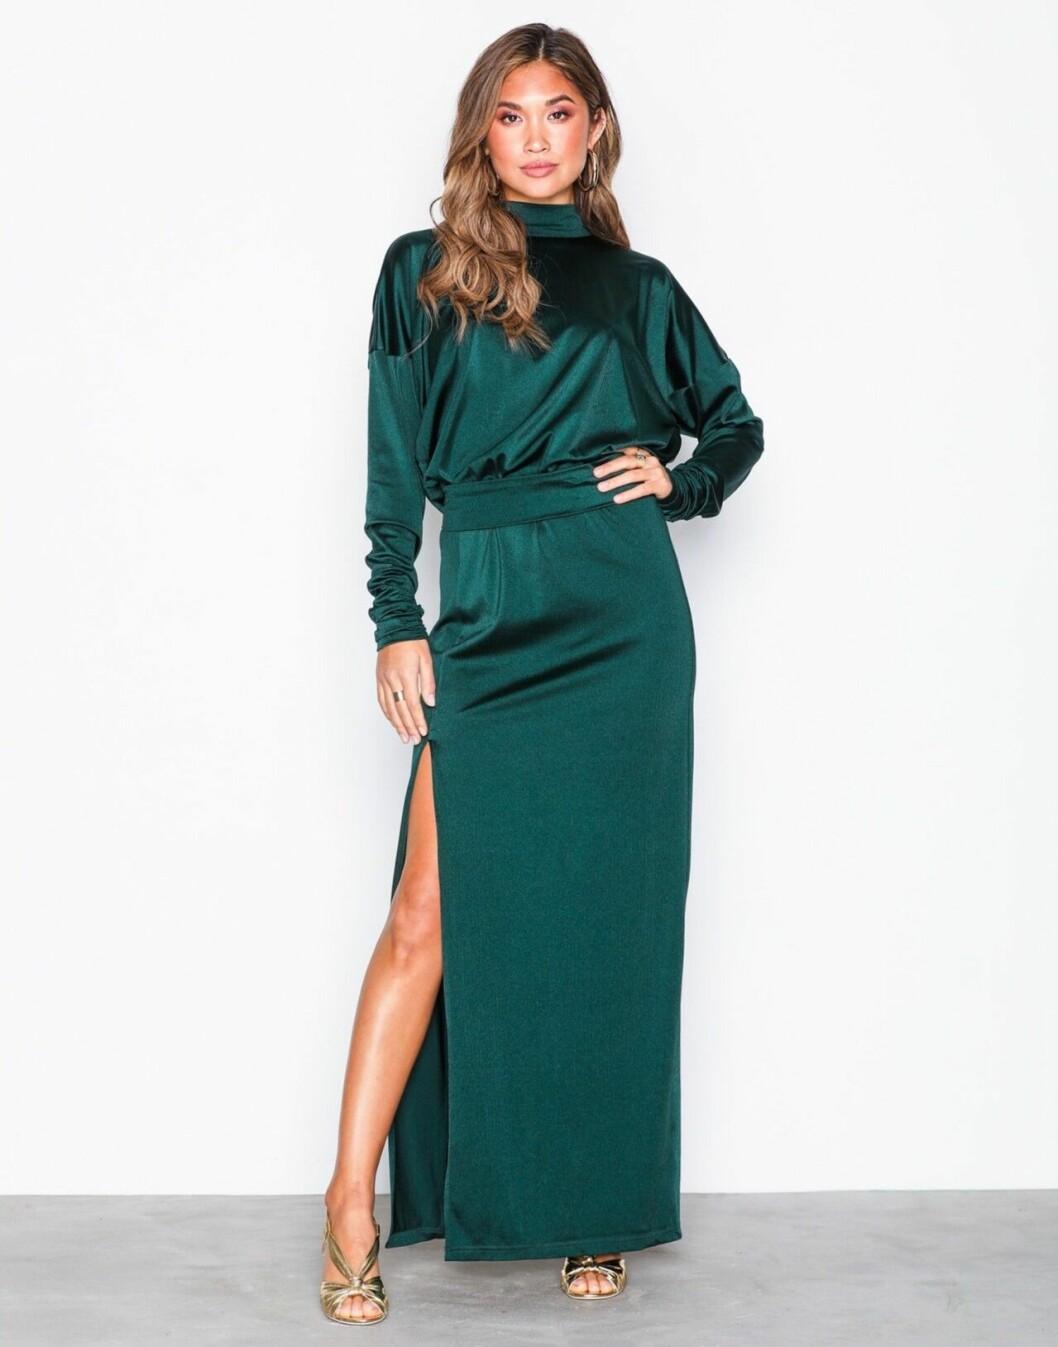 Grön maxiklänning till balen 2019